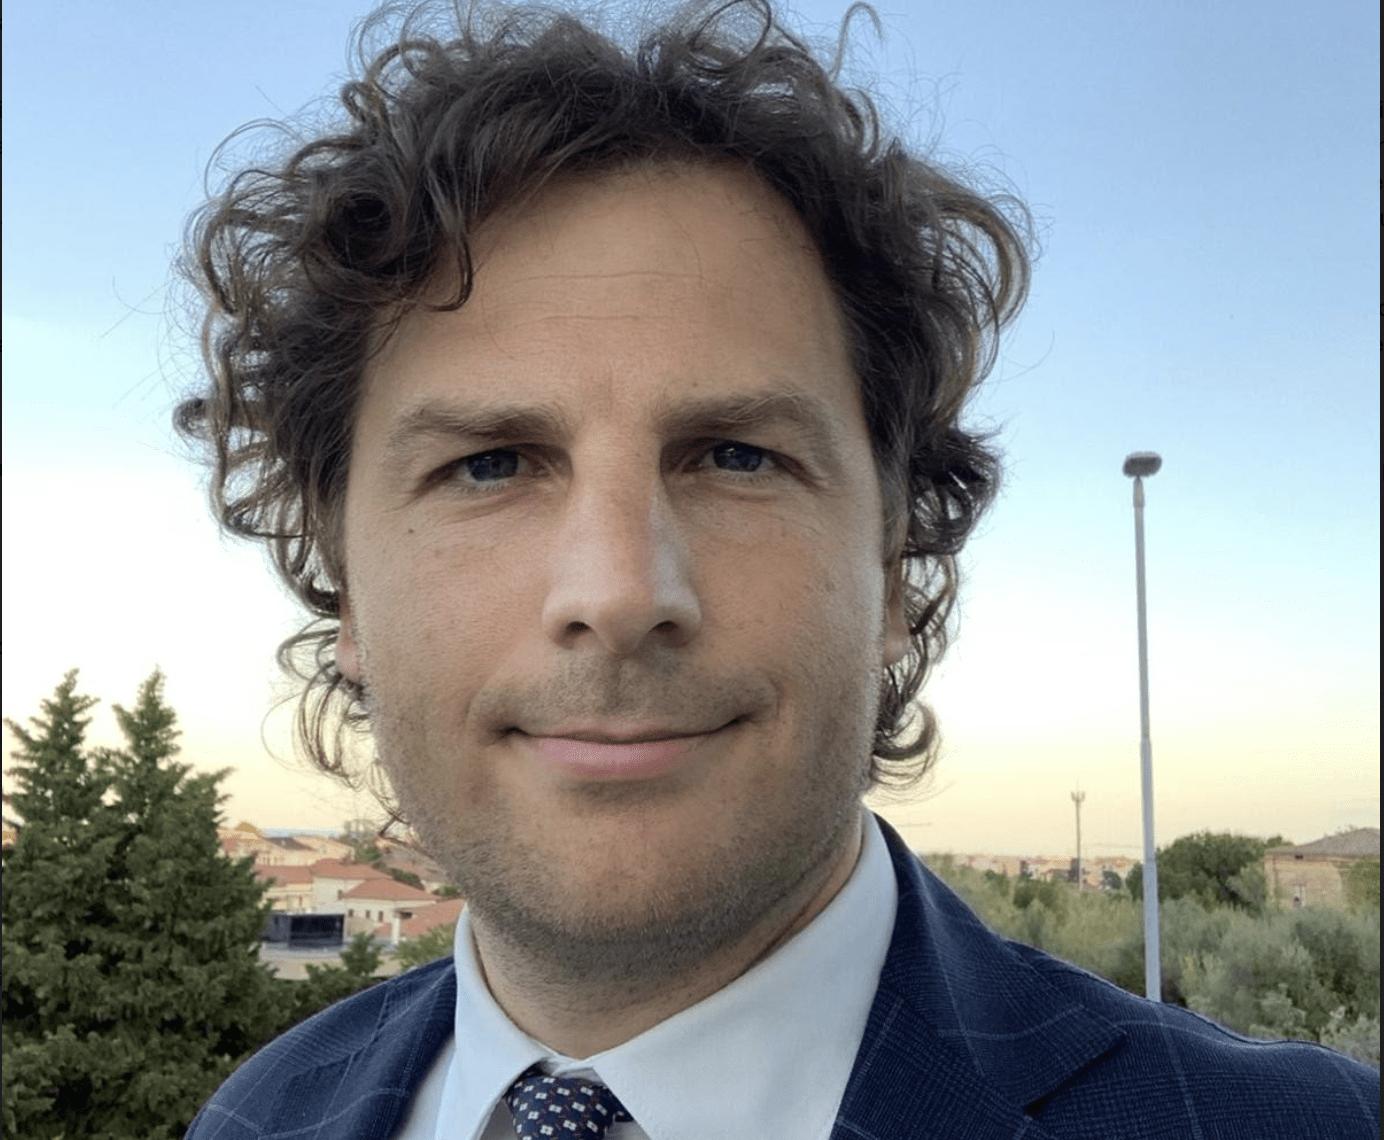 """Popolare di Bari, Zennaro (Lega): """"Con chiusura filiali aree interne riduzione credito per famiglie e imprese"""""""